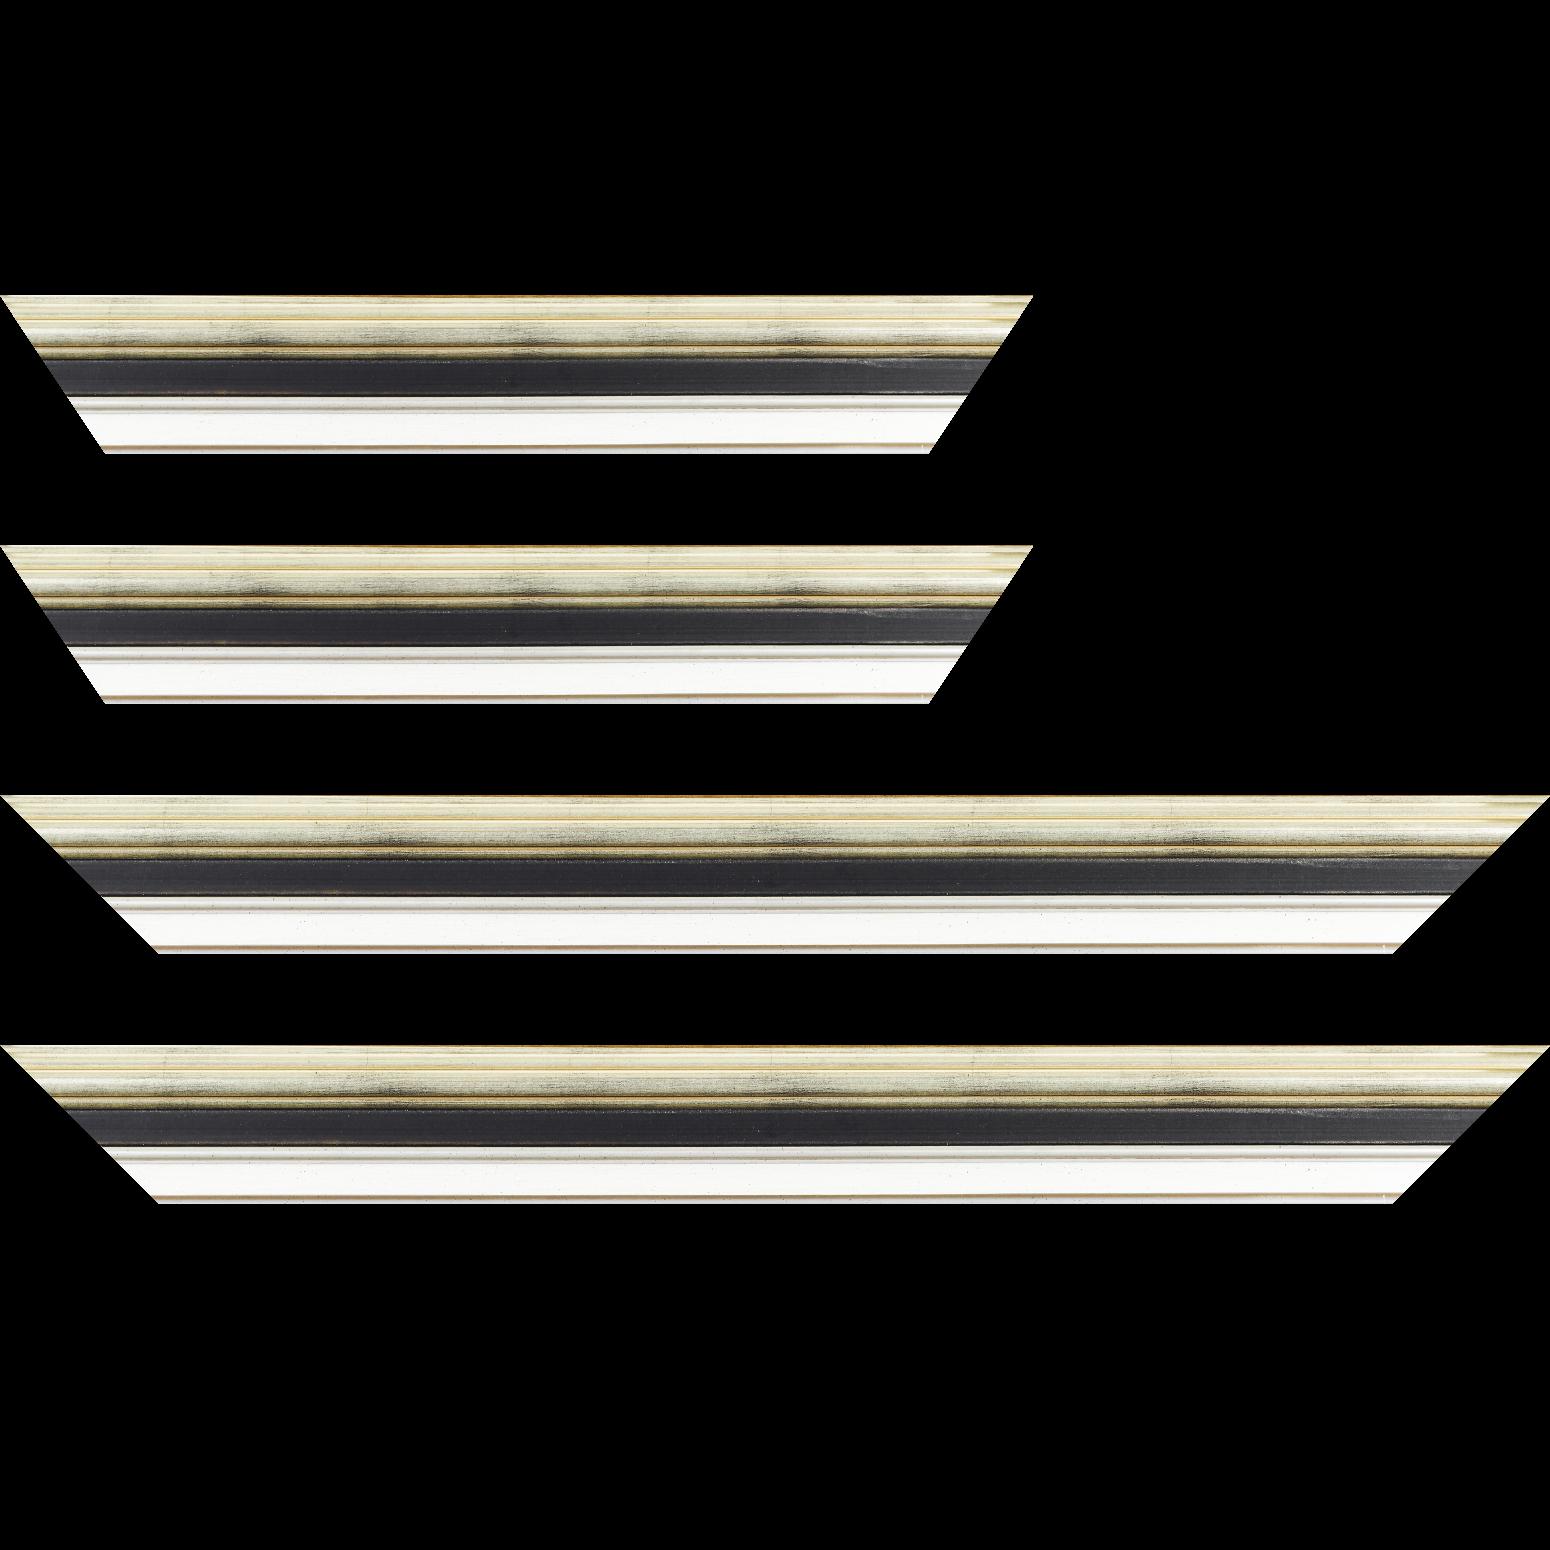 Baguette service précoupé Bois largeur 5.2cm argent gorge noire  marie louise blanche  filet argent intégrée